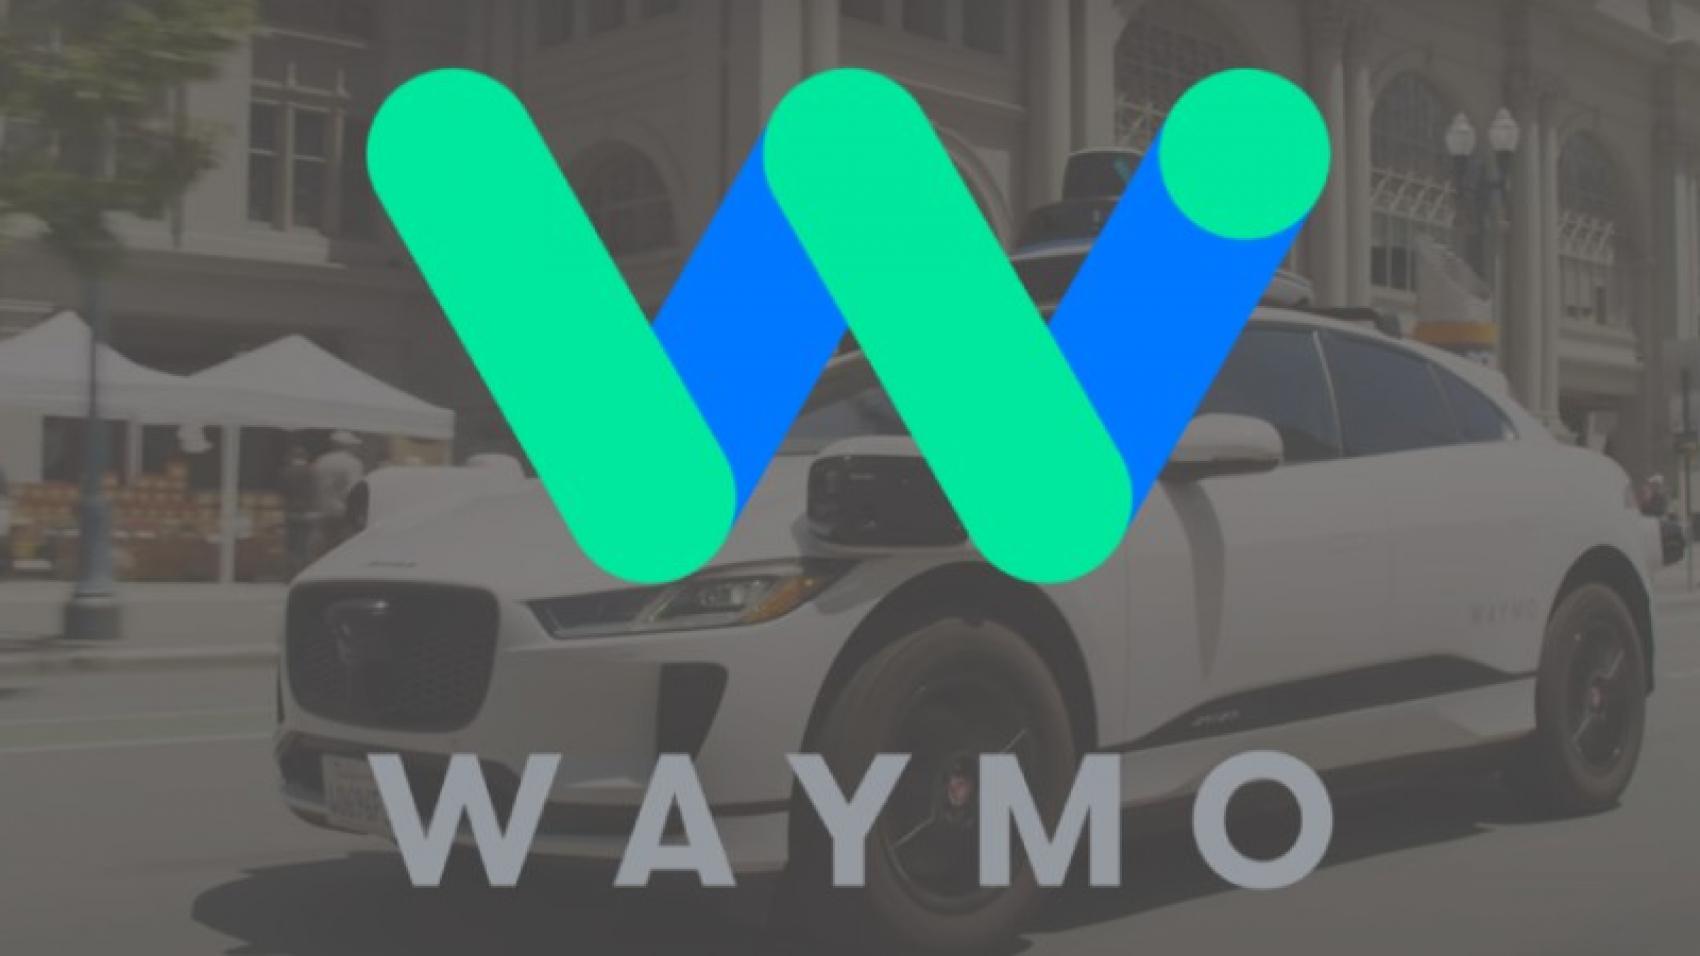 Компания Waymo запускает беспилотное такси в тестовом варианте